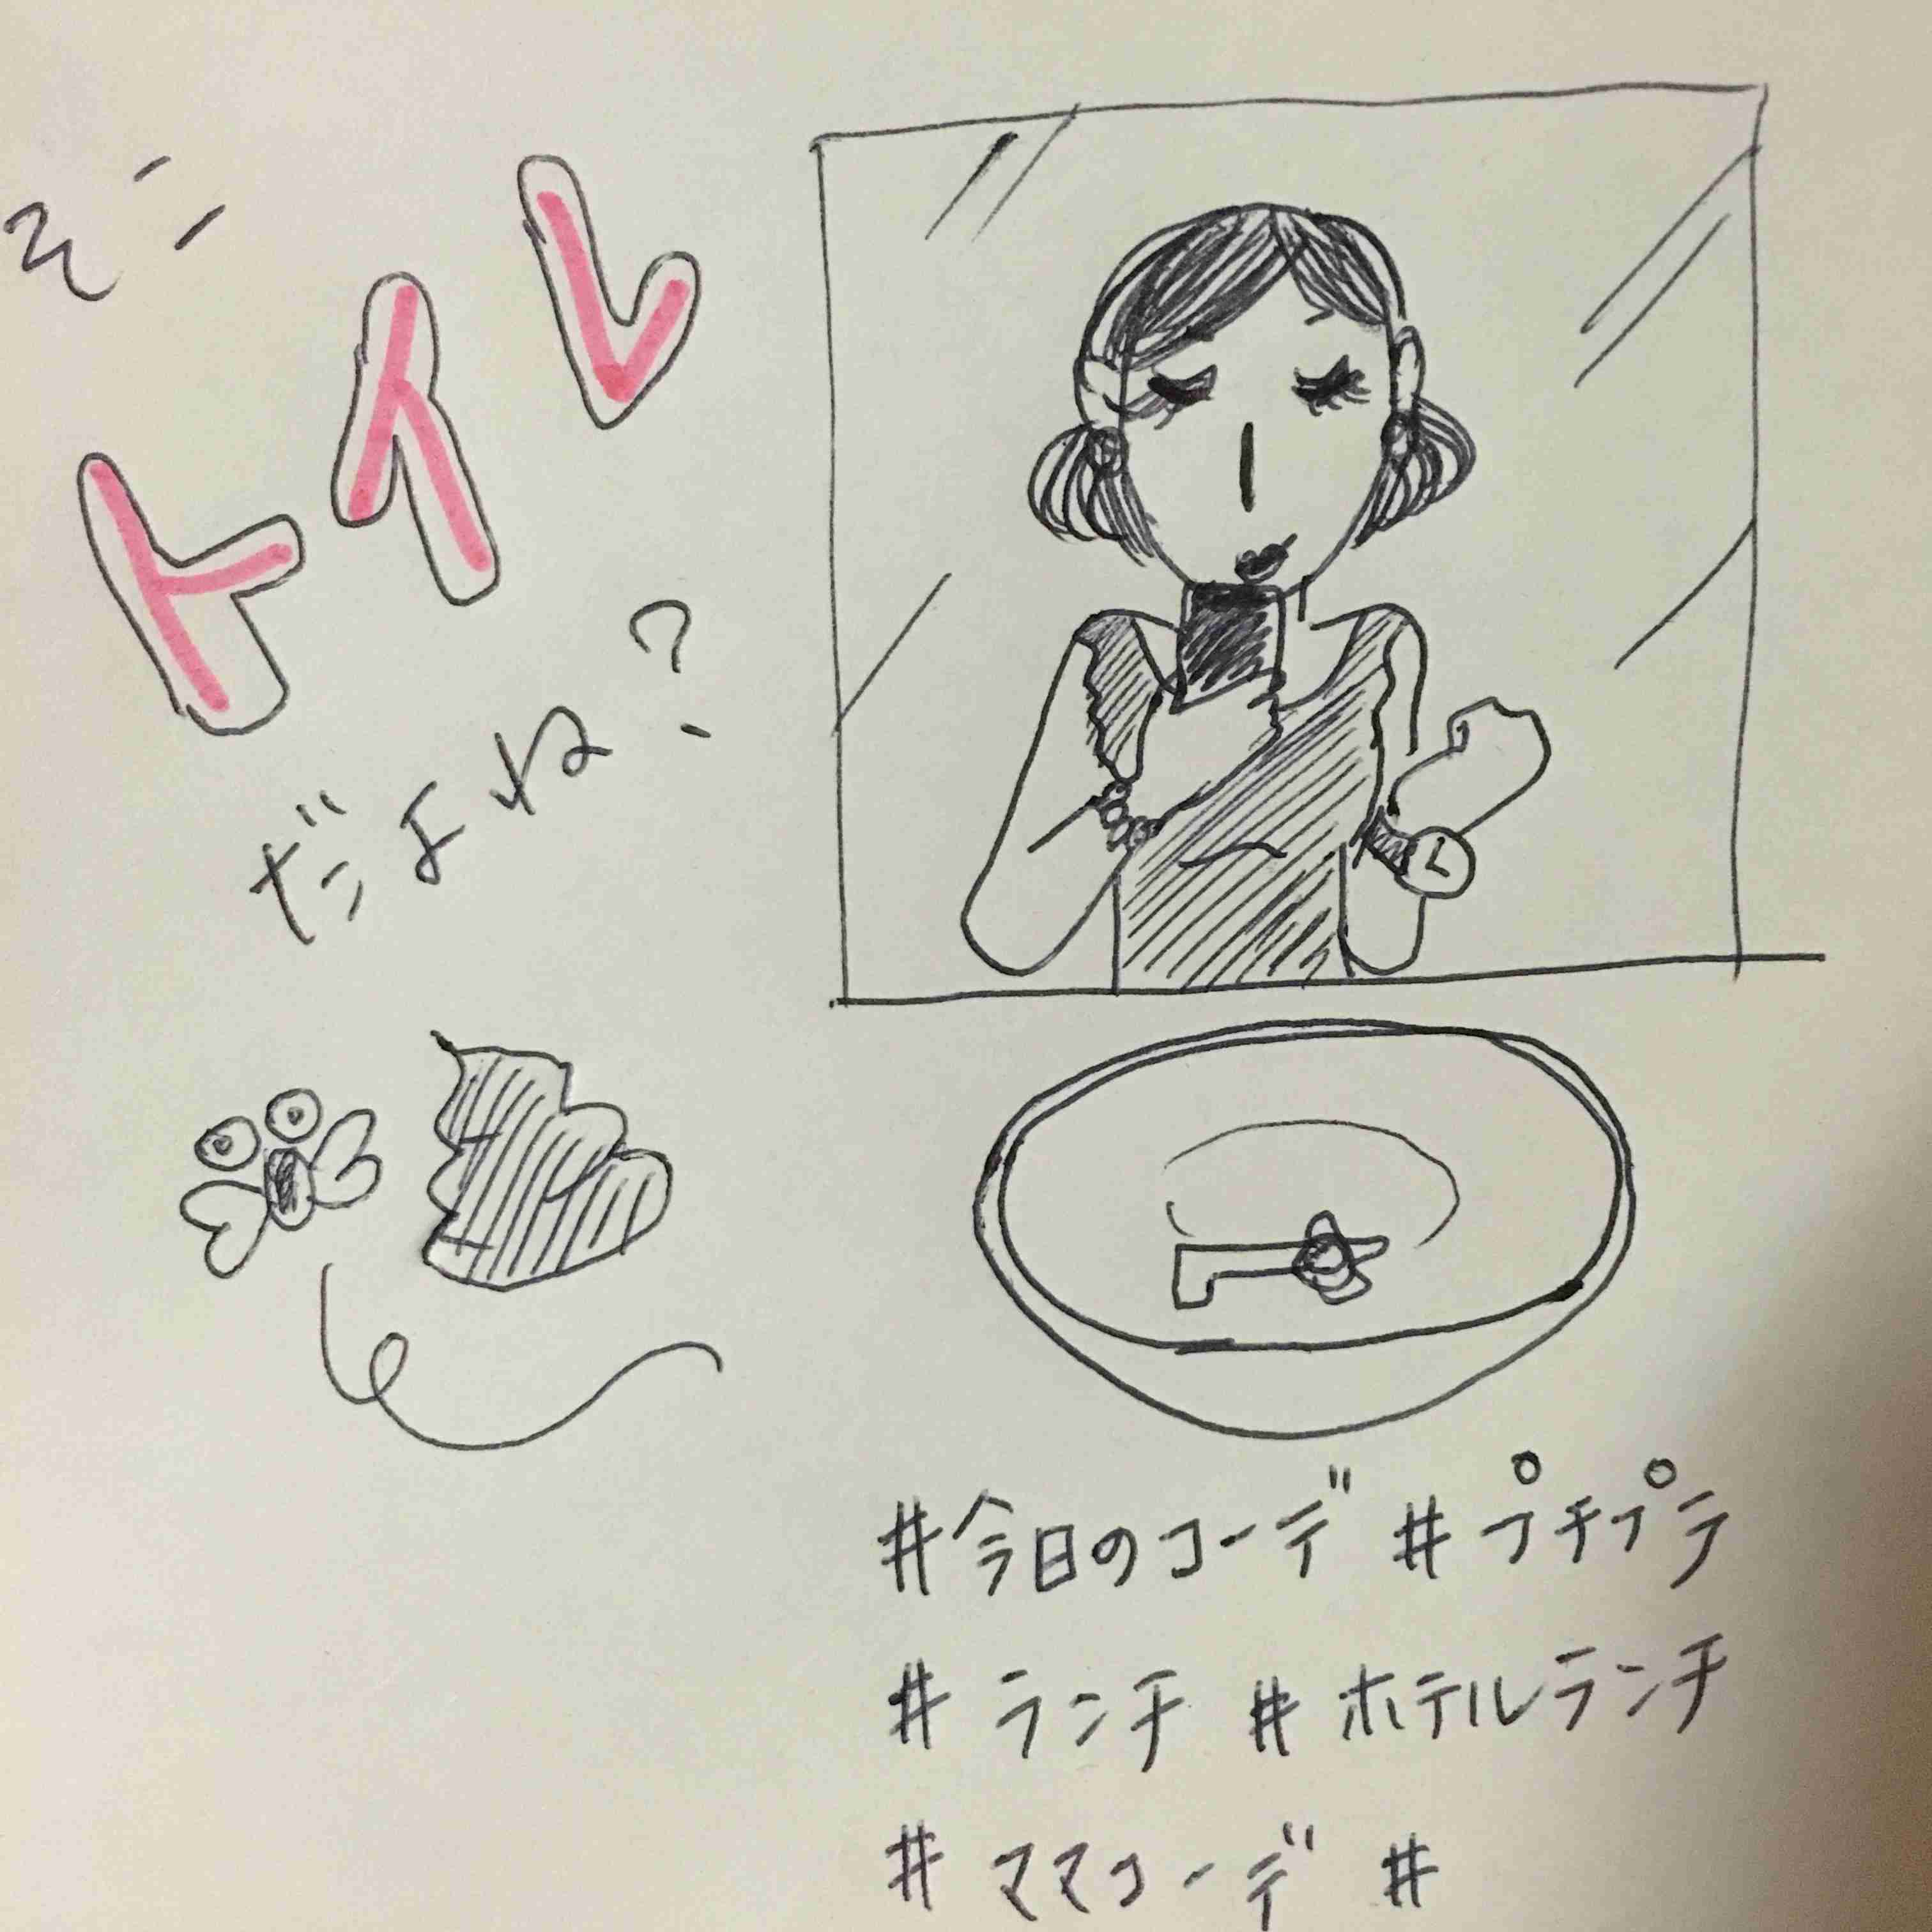 【ネタトピ】インスタバエを描くトピ